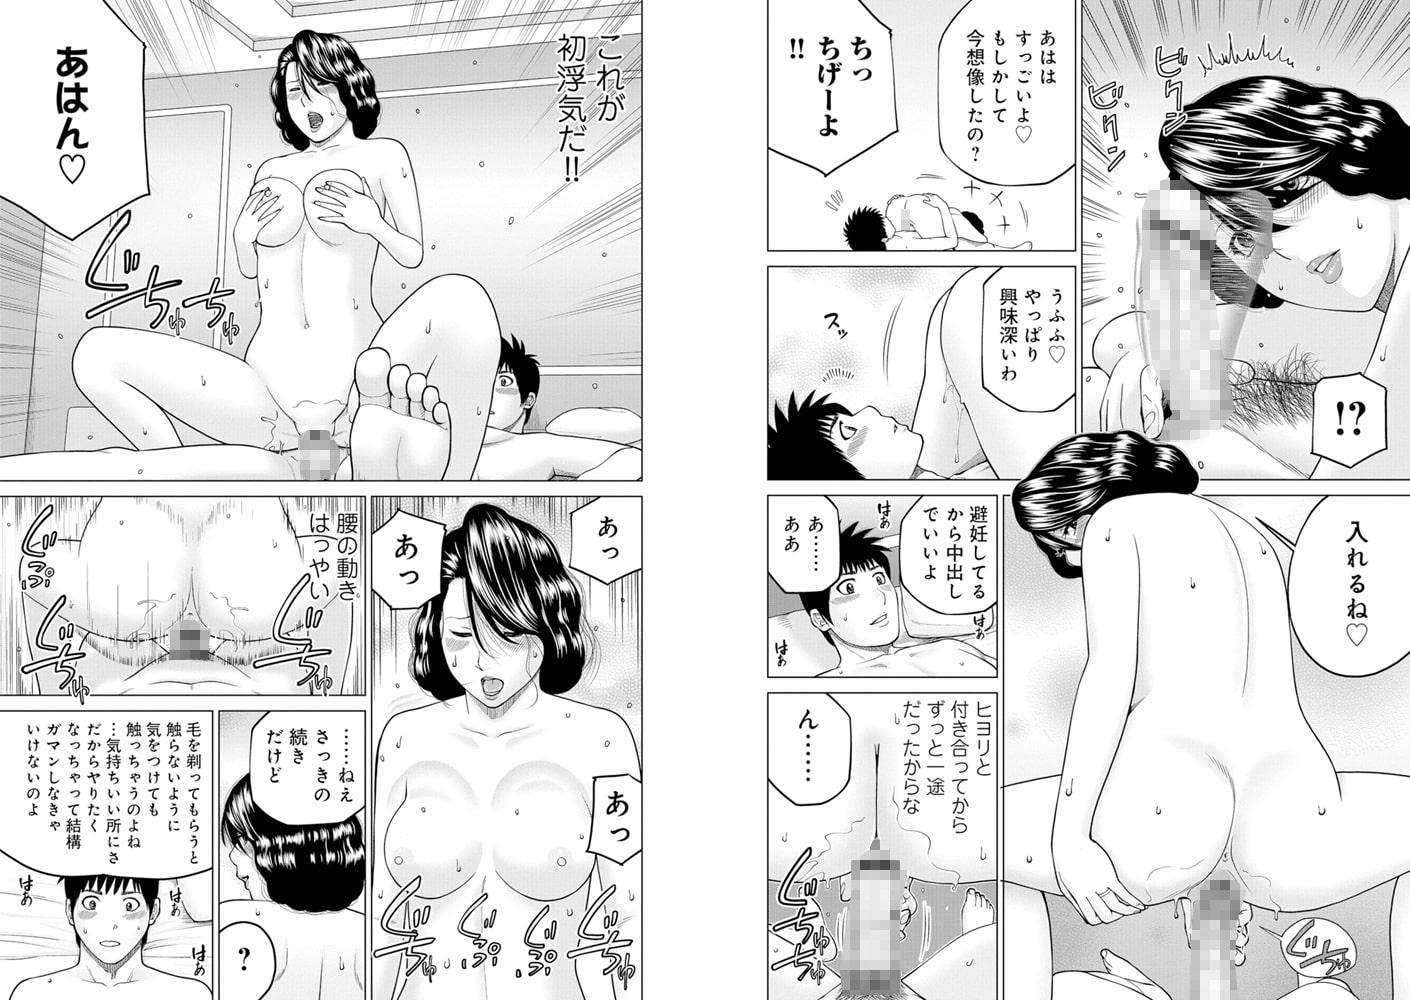 WEB版コミック激ヤバ! Vol.119